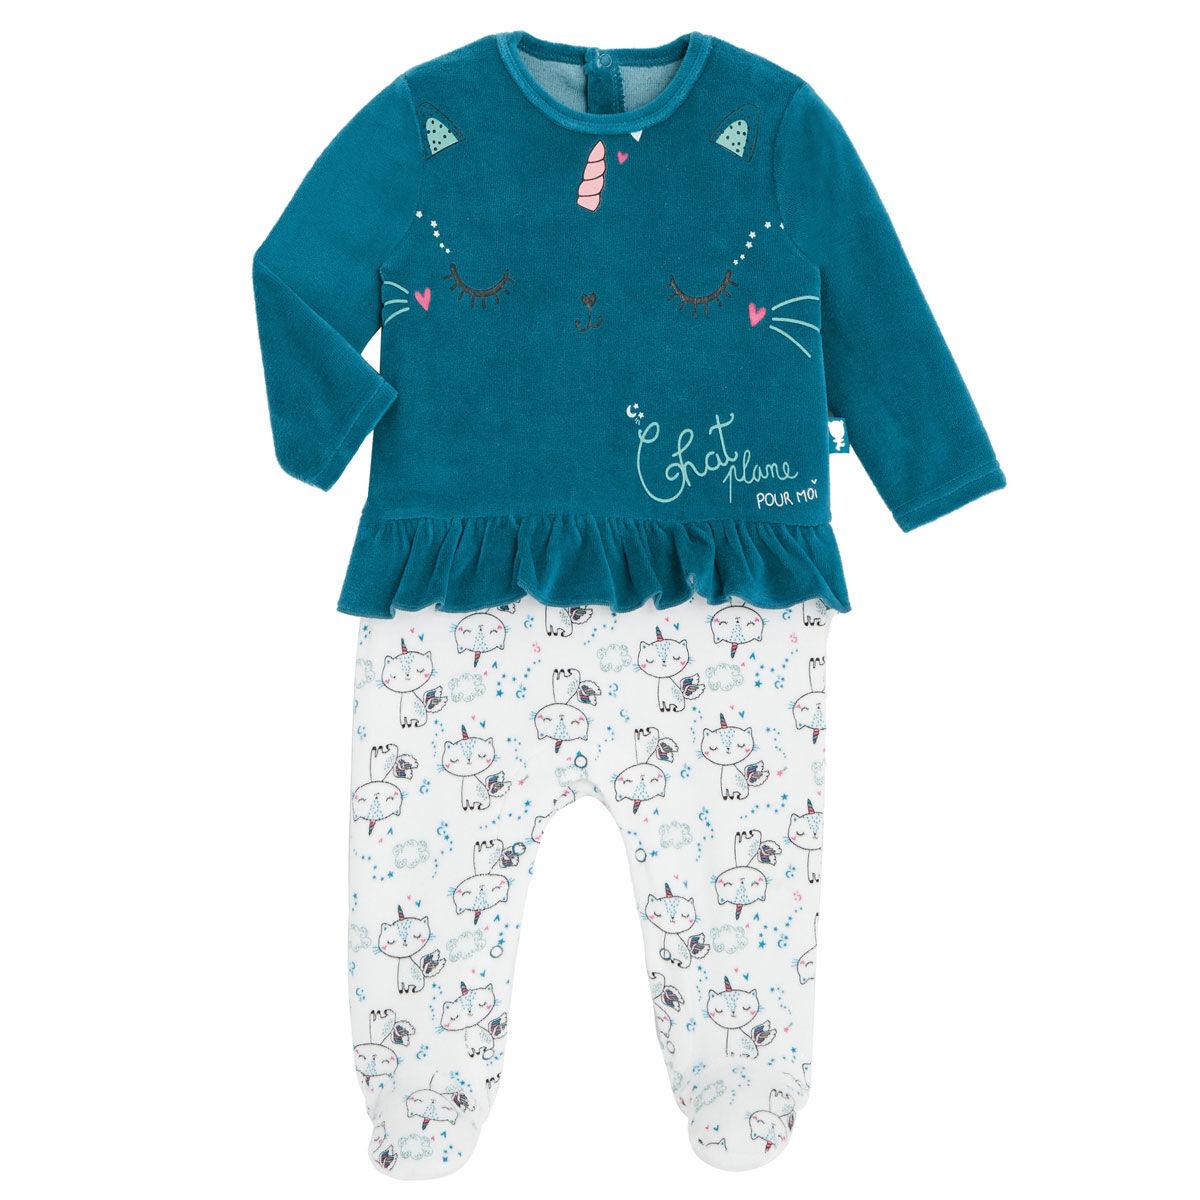 Petit Béguin Pyjama bébé en velours contenant du coton bio Chat Plane - Taille - 24 mois